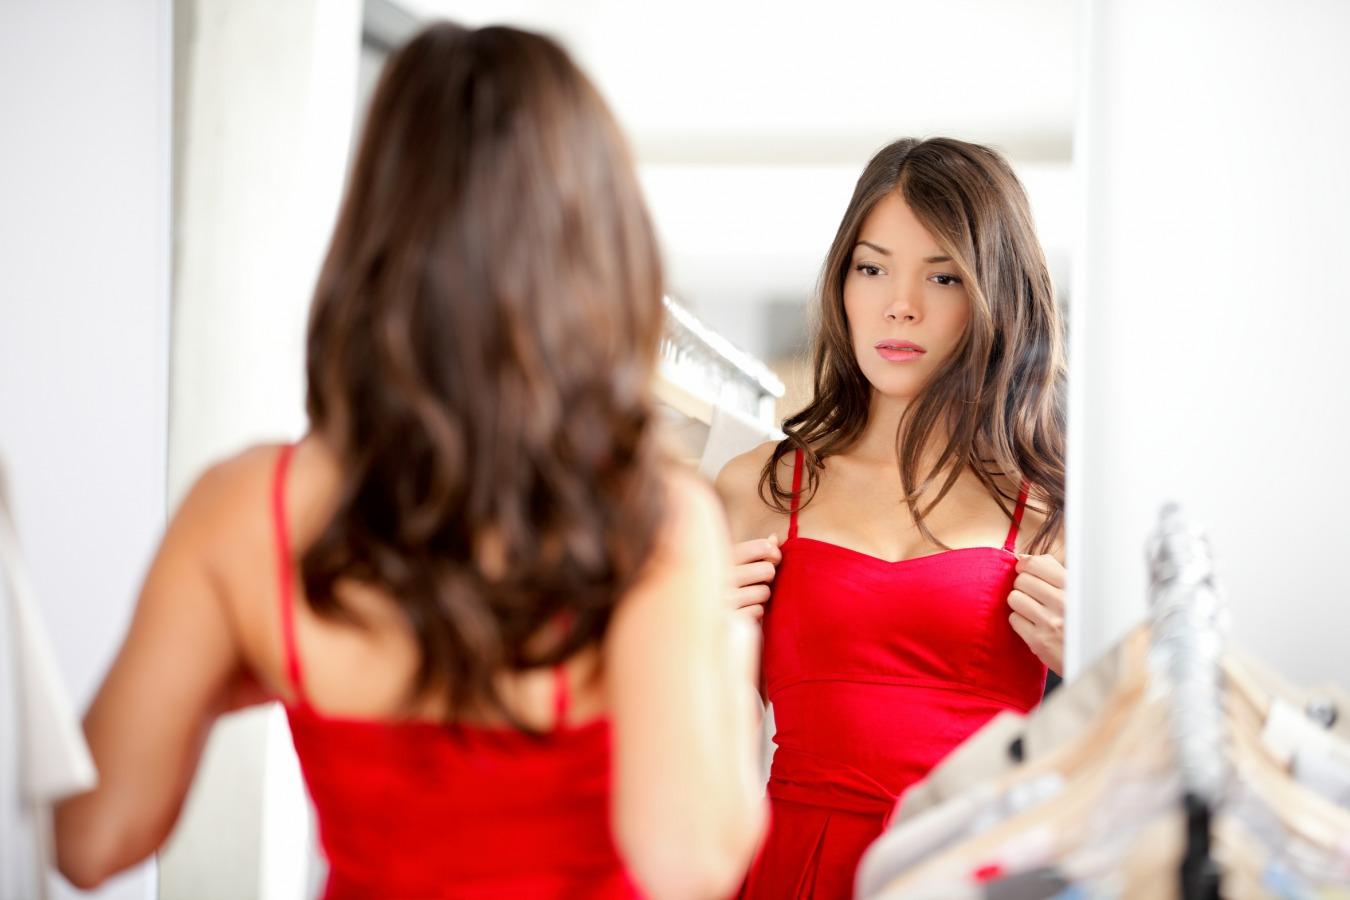 Rende Piu O Meno Deformanti Gli Specchi.Come Ci Ingannano Gli Specchi Dei Camerini D Abbigliamento